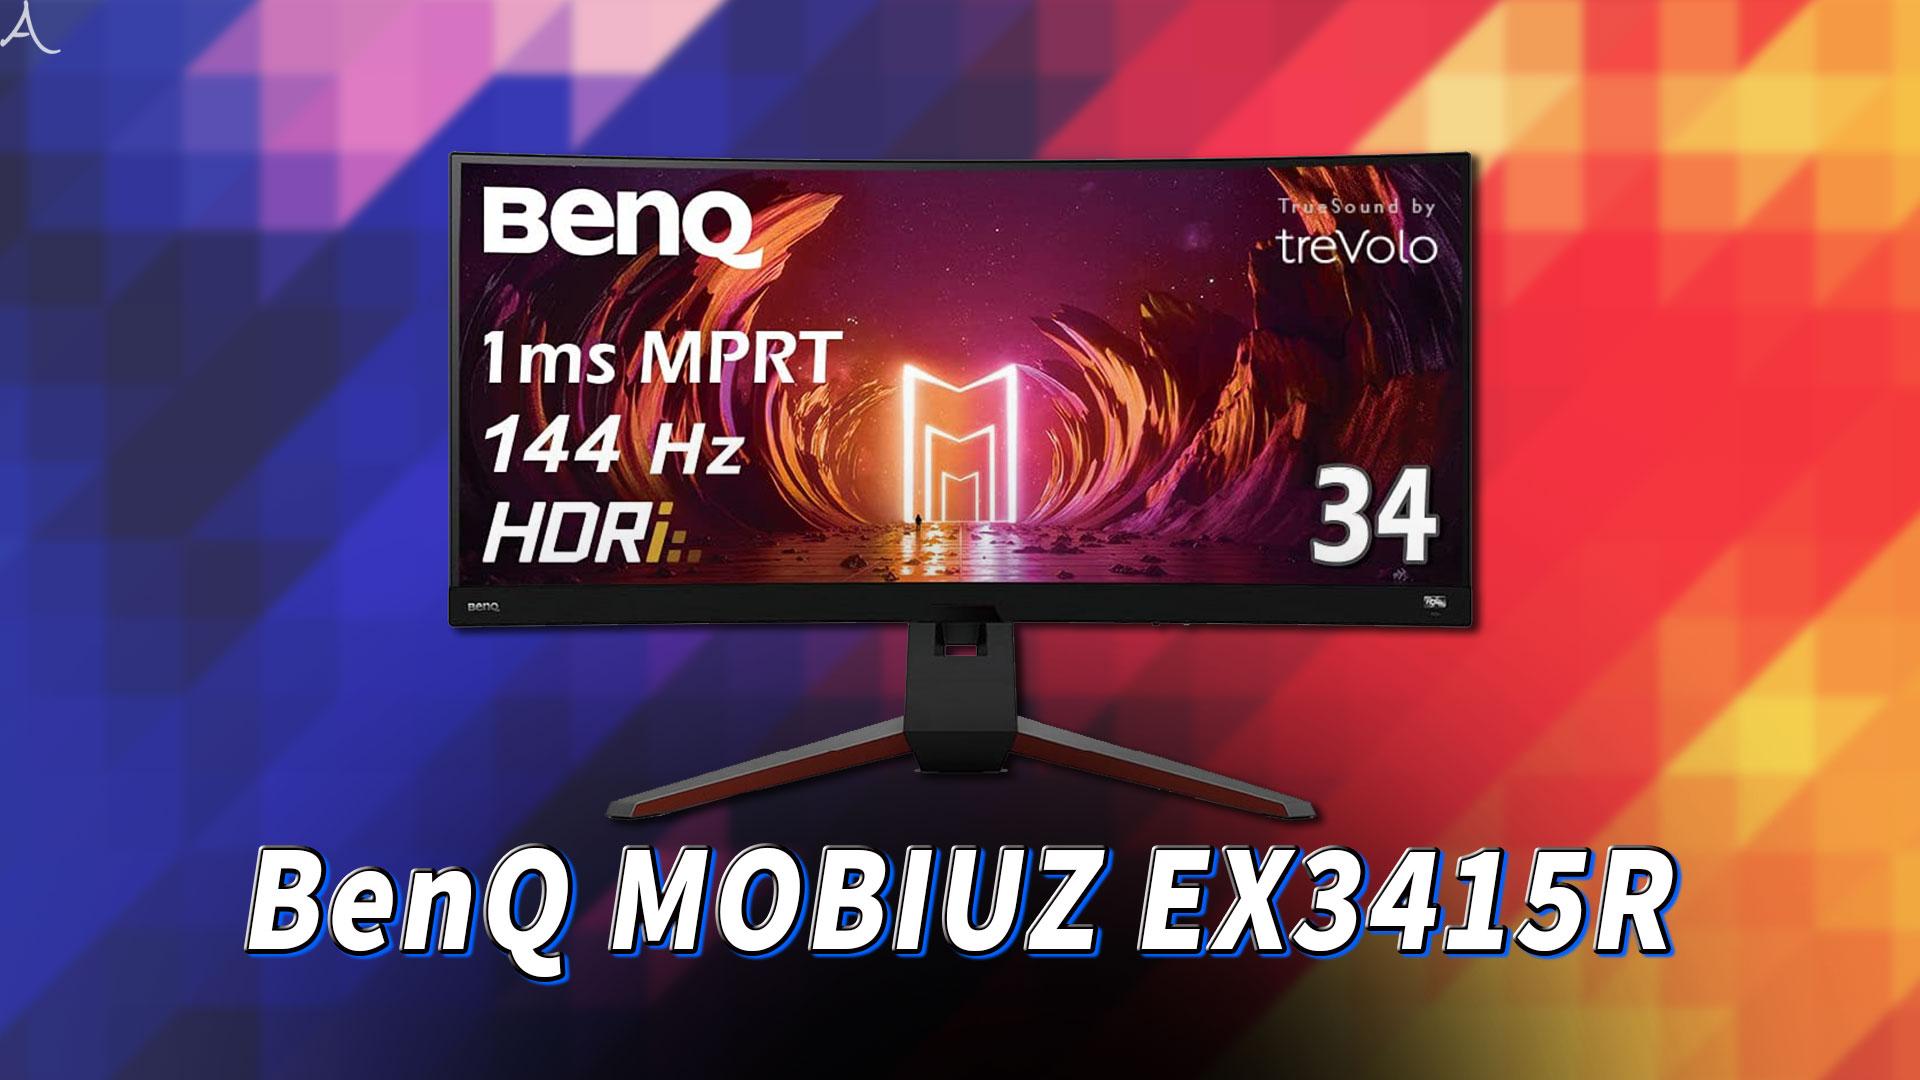 「BenQ MOBIUZ EX3415R」はスピーカーに対応してる?おすすめのPCスピーカーはどれ?